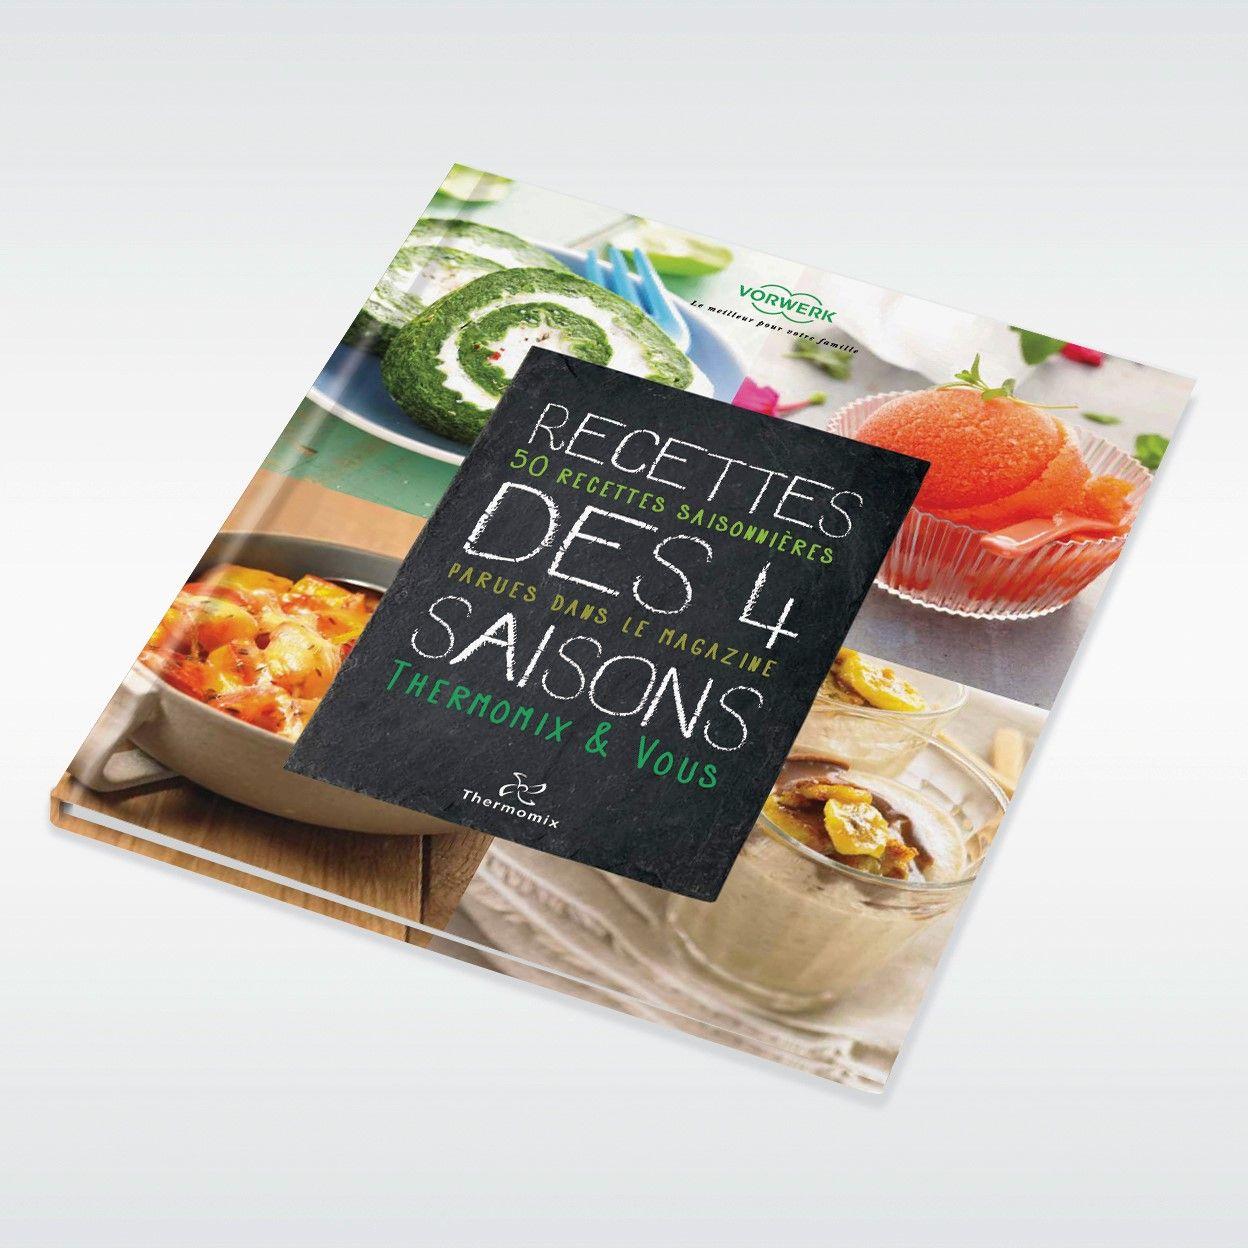 livre recettes des 4 saisons livres de recettes thermomix - Livres De Cuisine Thermomix